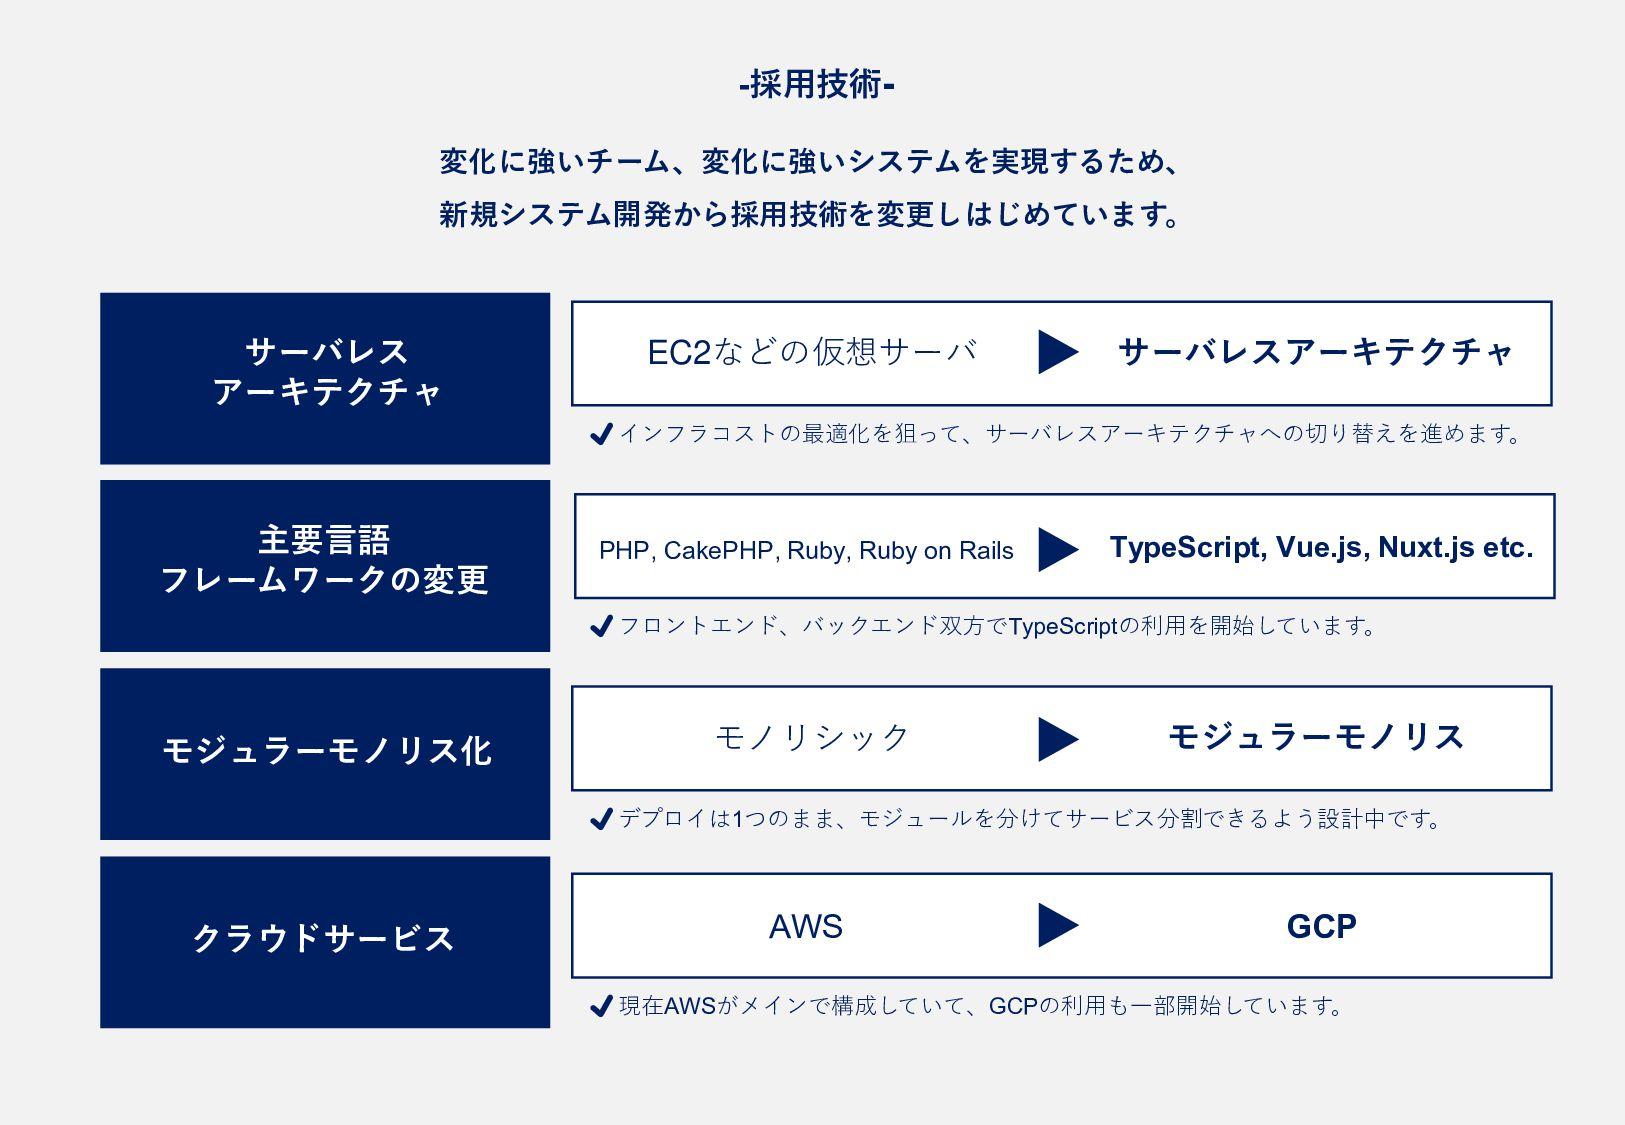 - 採 用 技 術 - サーバレス アーキテクチャ 主要言語 フレームワークの変更 モジュラー...